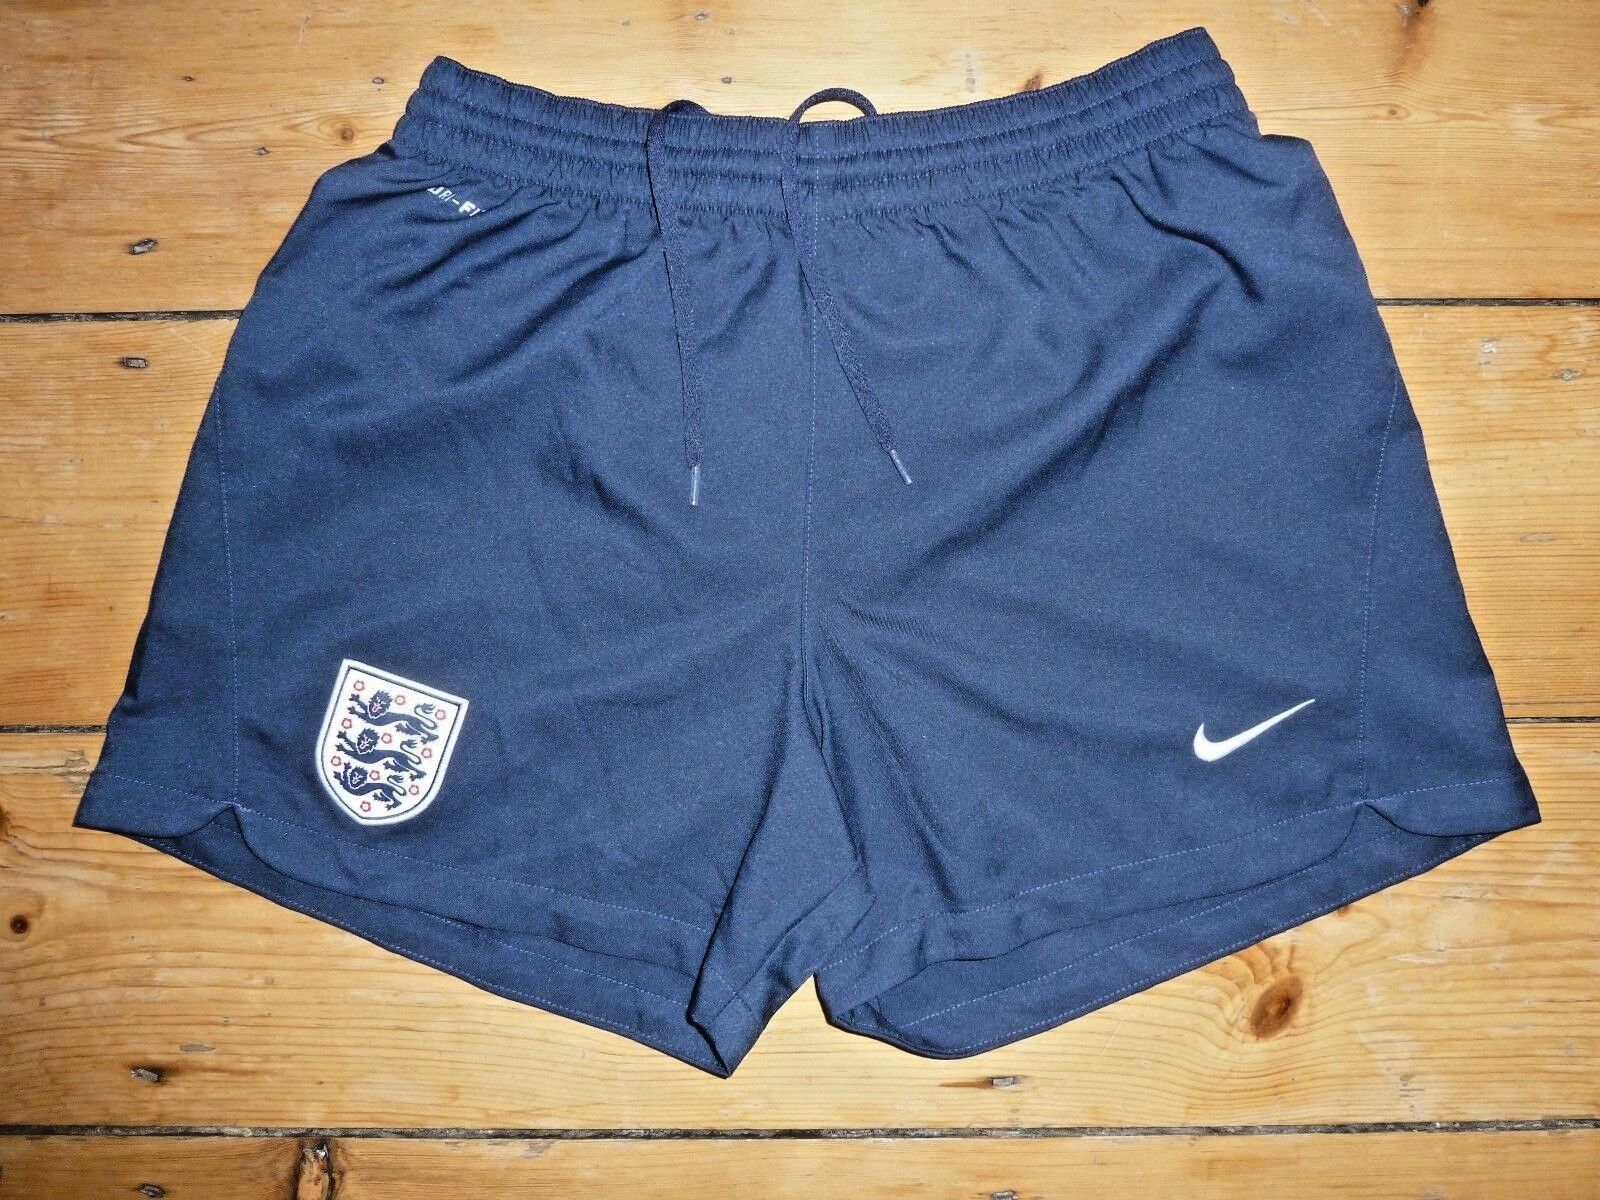 Lotto Intero Svendita 20 x Piccolo 76.2cm Inghilterra Calcio Pantaloncini Blu